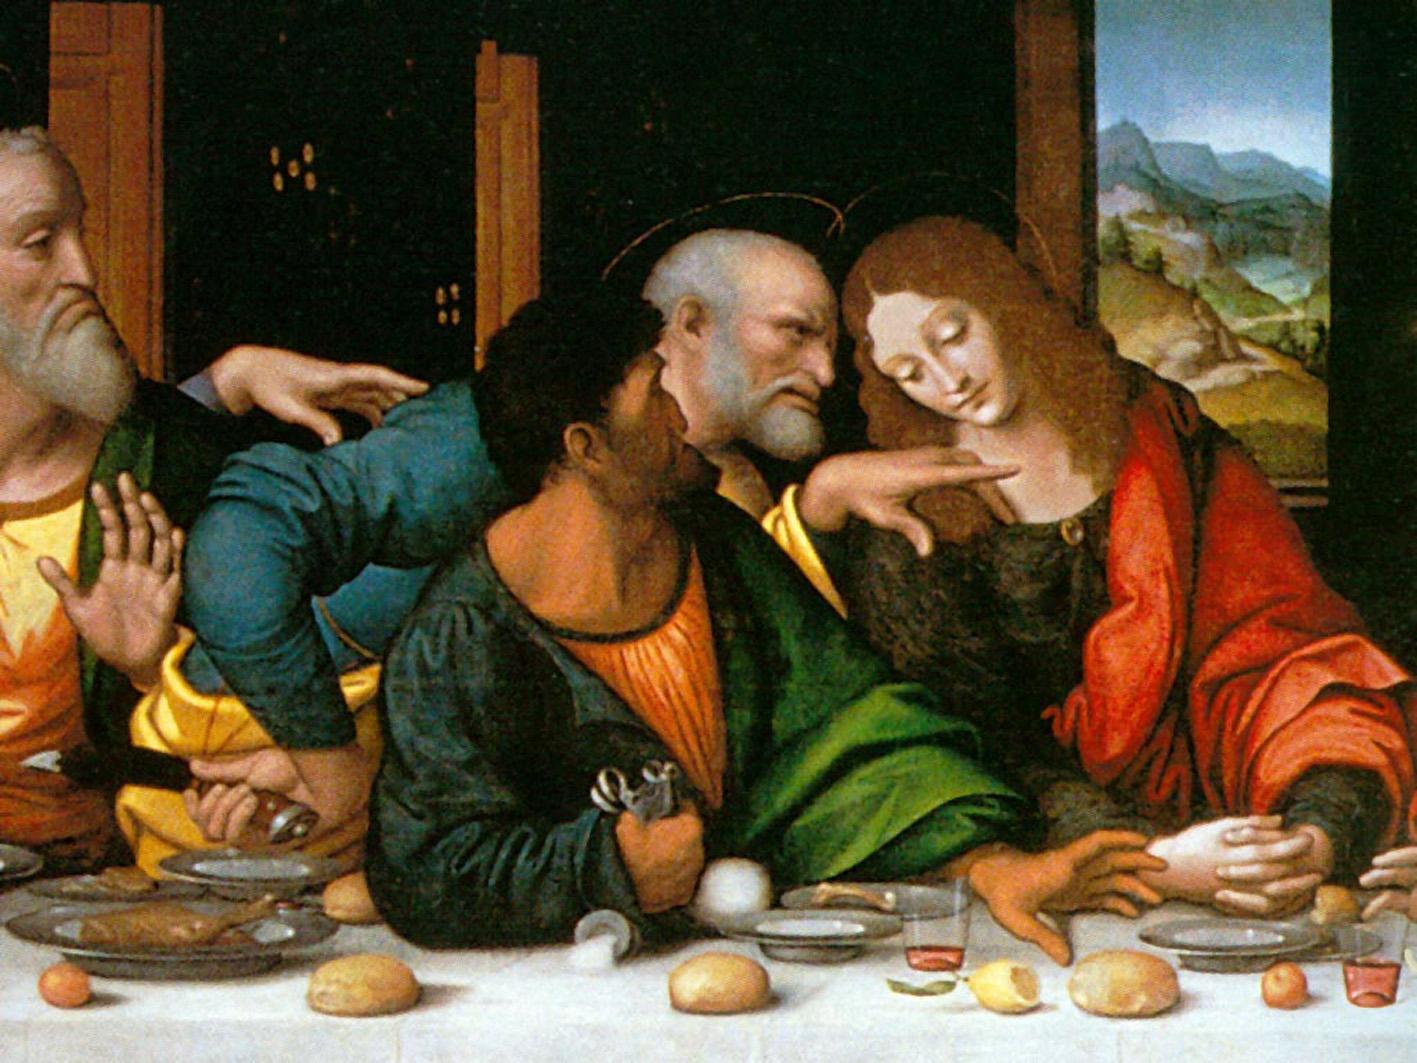 Leonardo da Vinci, Ultima cena, 1495-98 - particolare con - da dx - Giovanni, Pietro, Giuda e Andrea - Santa Maria delle Grazie, Milano